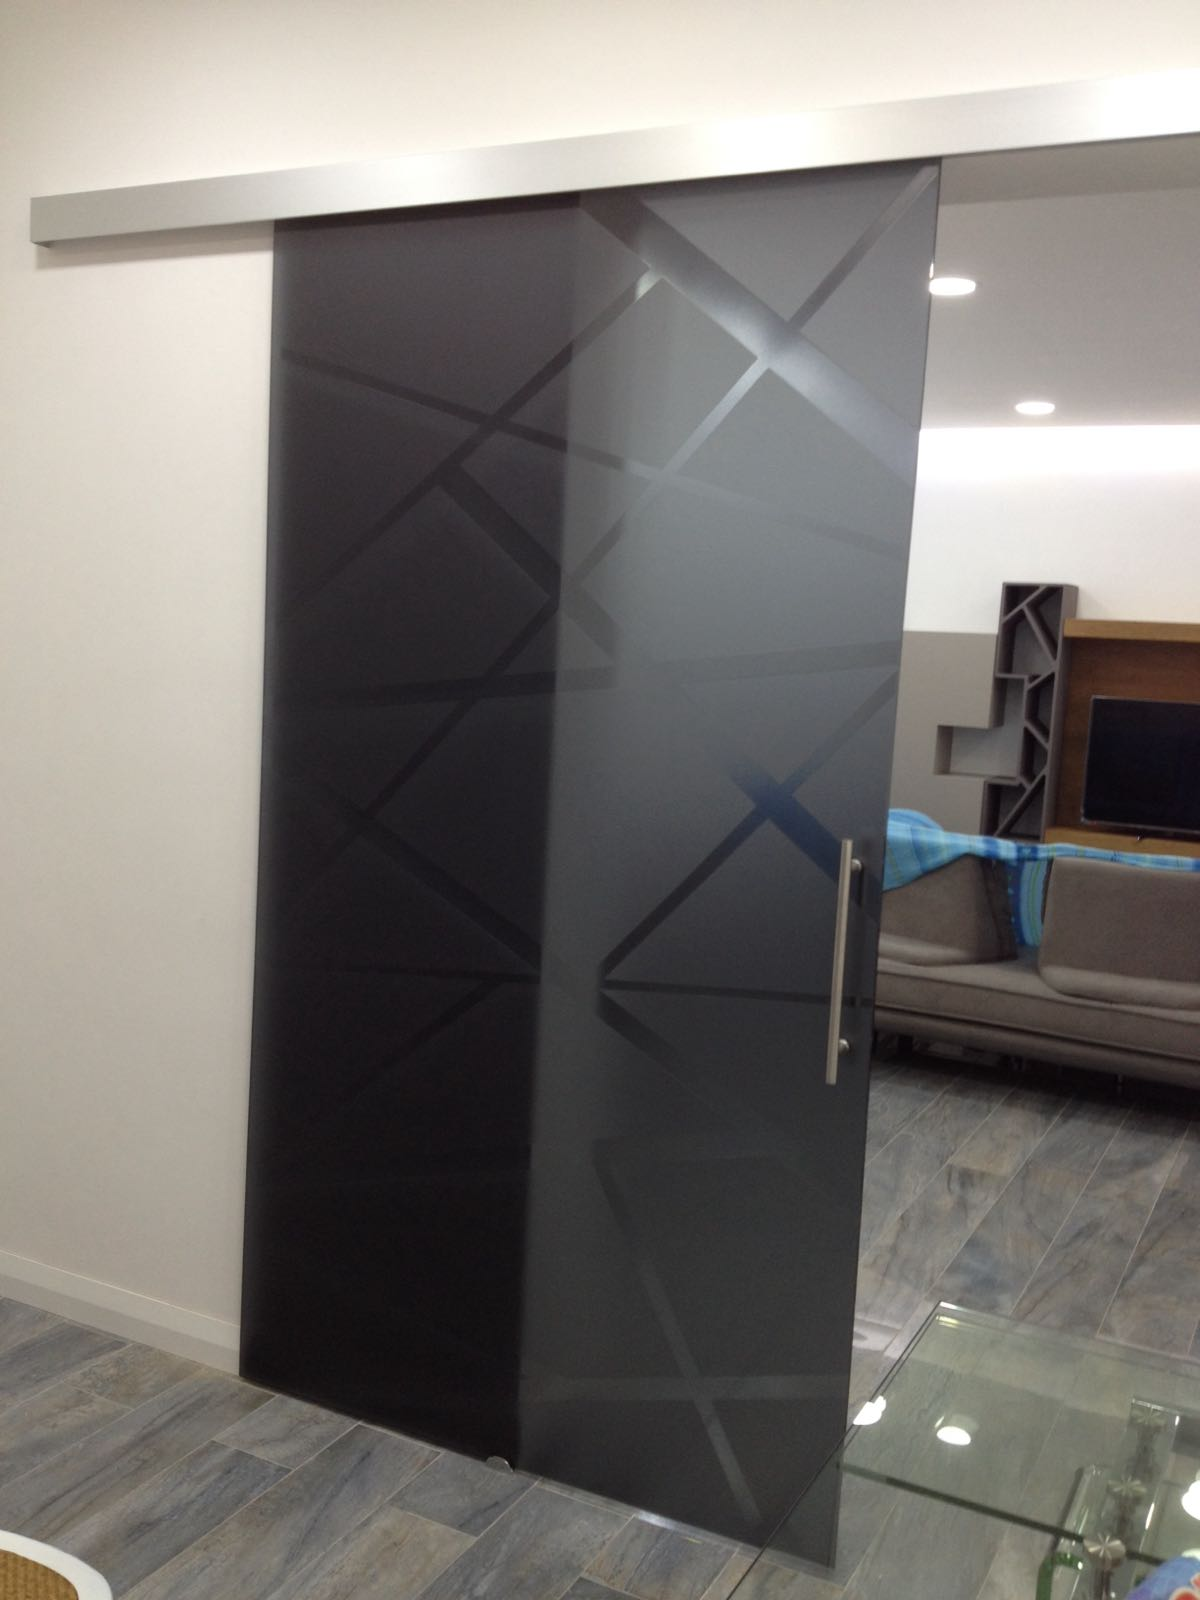 Porte in vetro napoli vm art design glass porte in vetro e vetrate artistiche casoria - Costo scrigno porta scorrevole ...